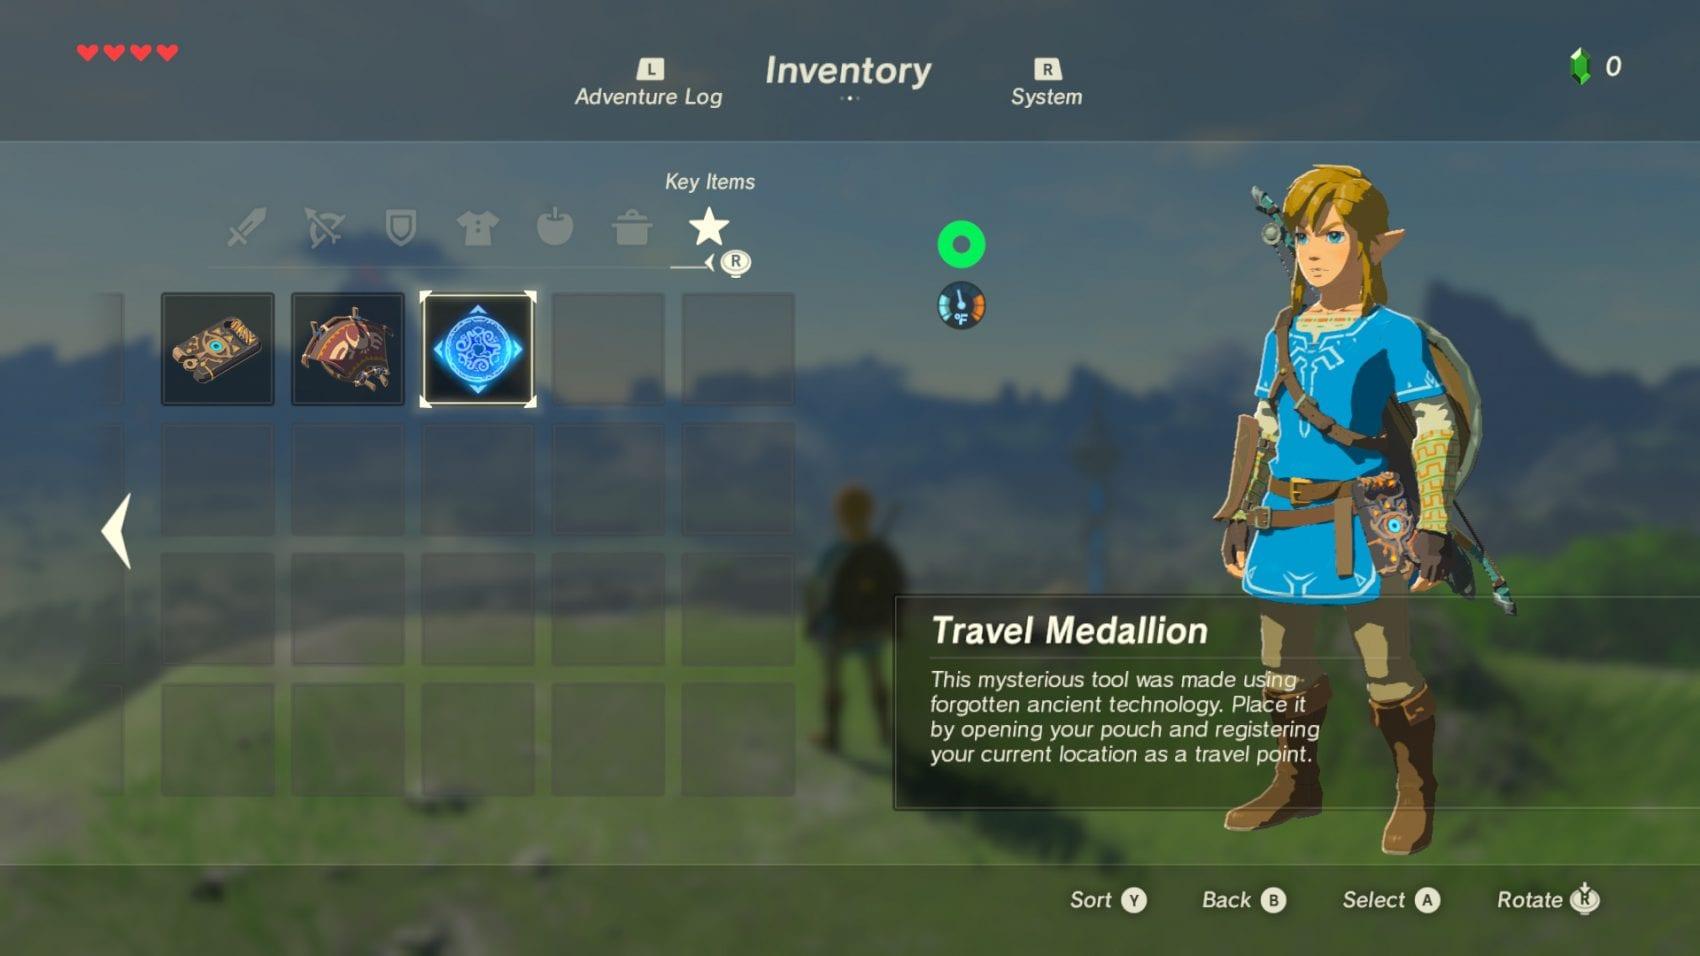 The Legend of Zelda Breath of the Wild News DLC 1 My Geek Actu Mediallon de voyage